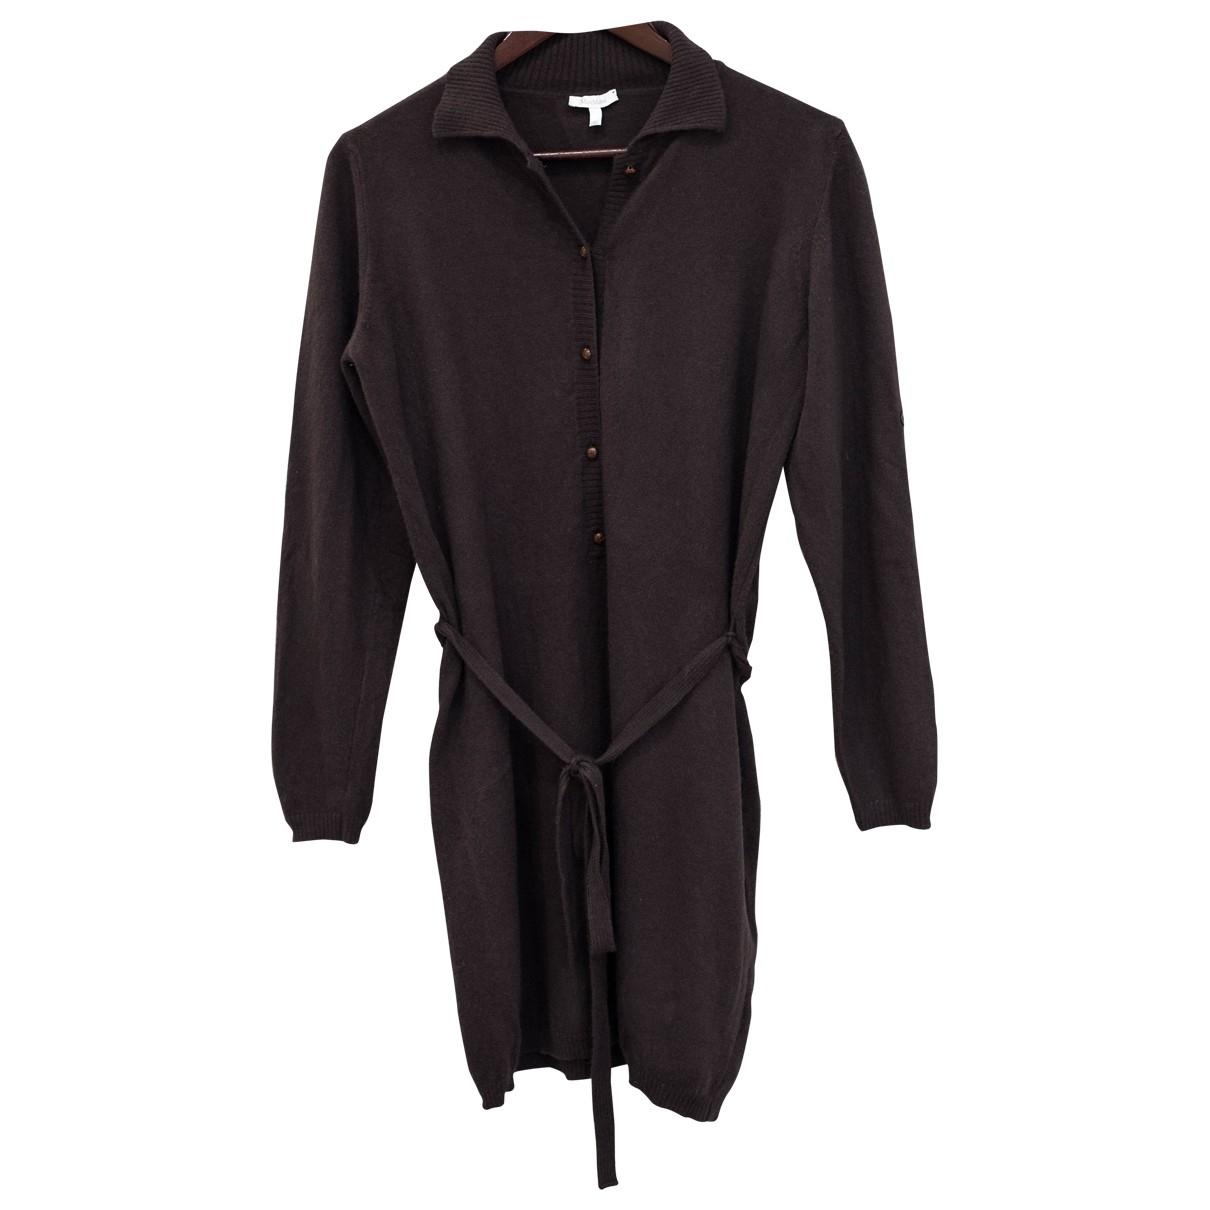 Max Mara \N Kleid in  Braun Wolle